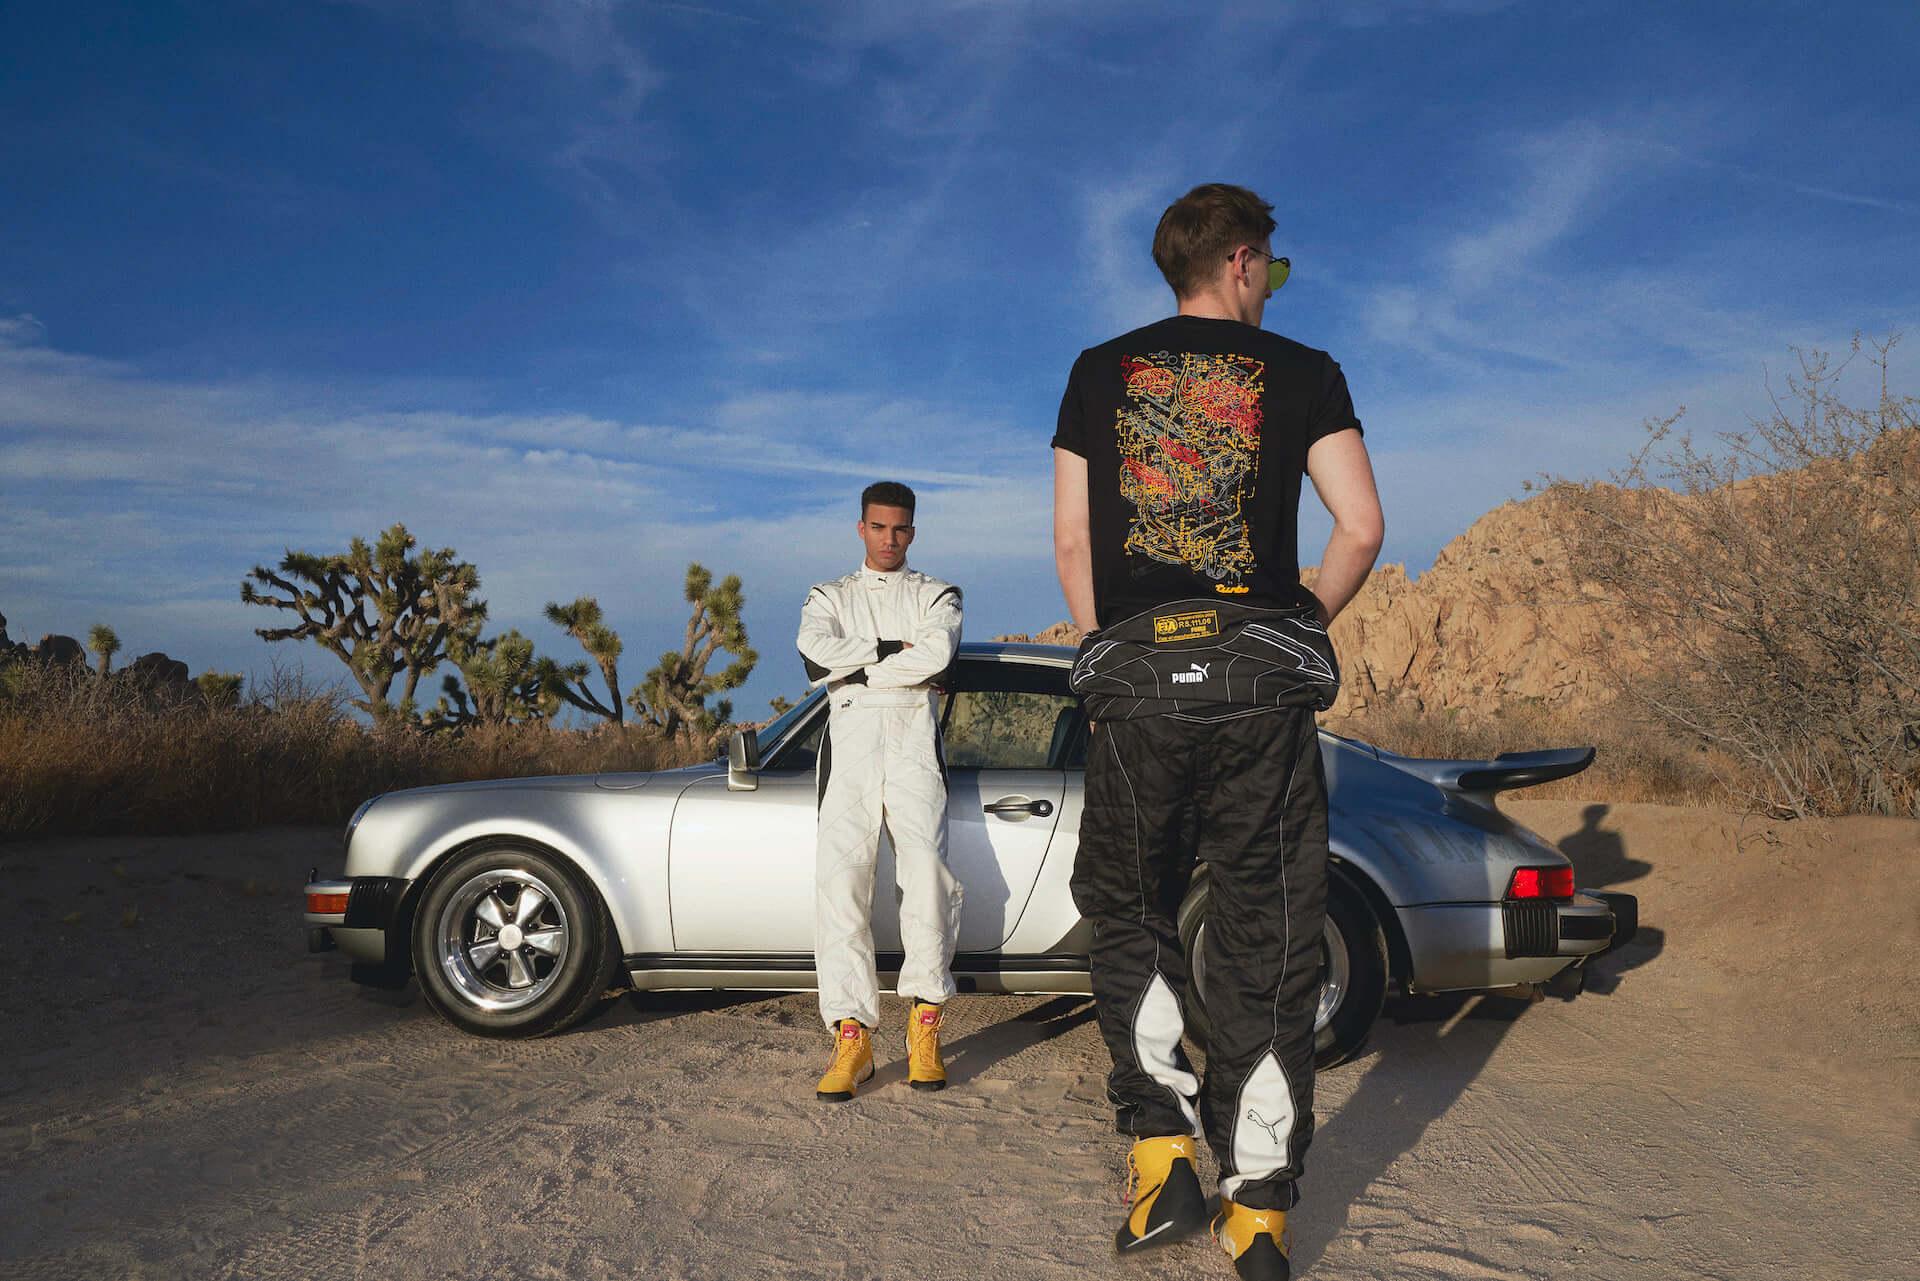 プーマとポルシェによるコラボコレクションが登場!『911 ターボ』の世界観溢れるスニーカーやTシャツなど life200410_puma_porsche_21-1920x1281